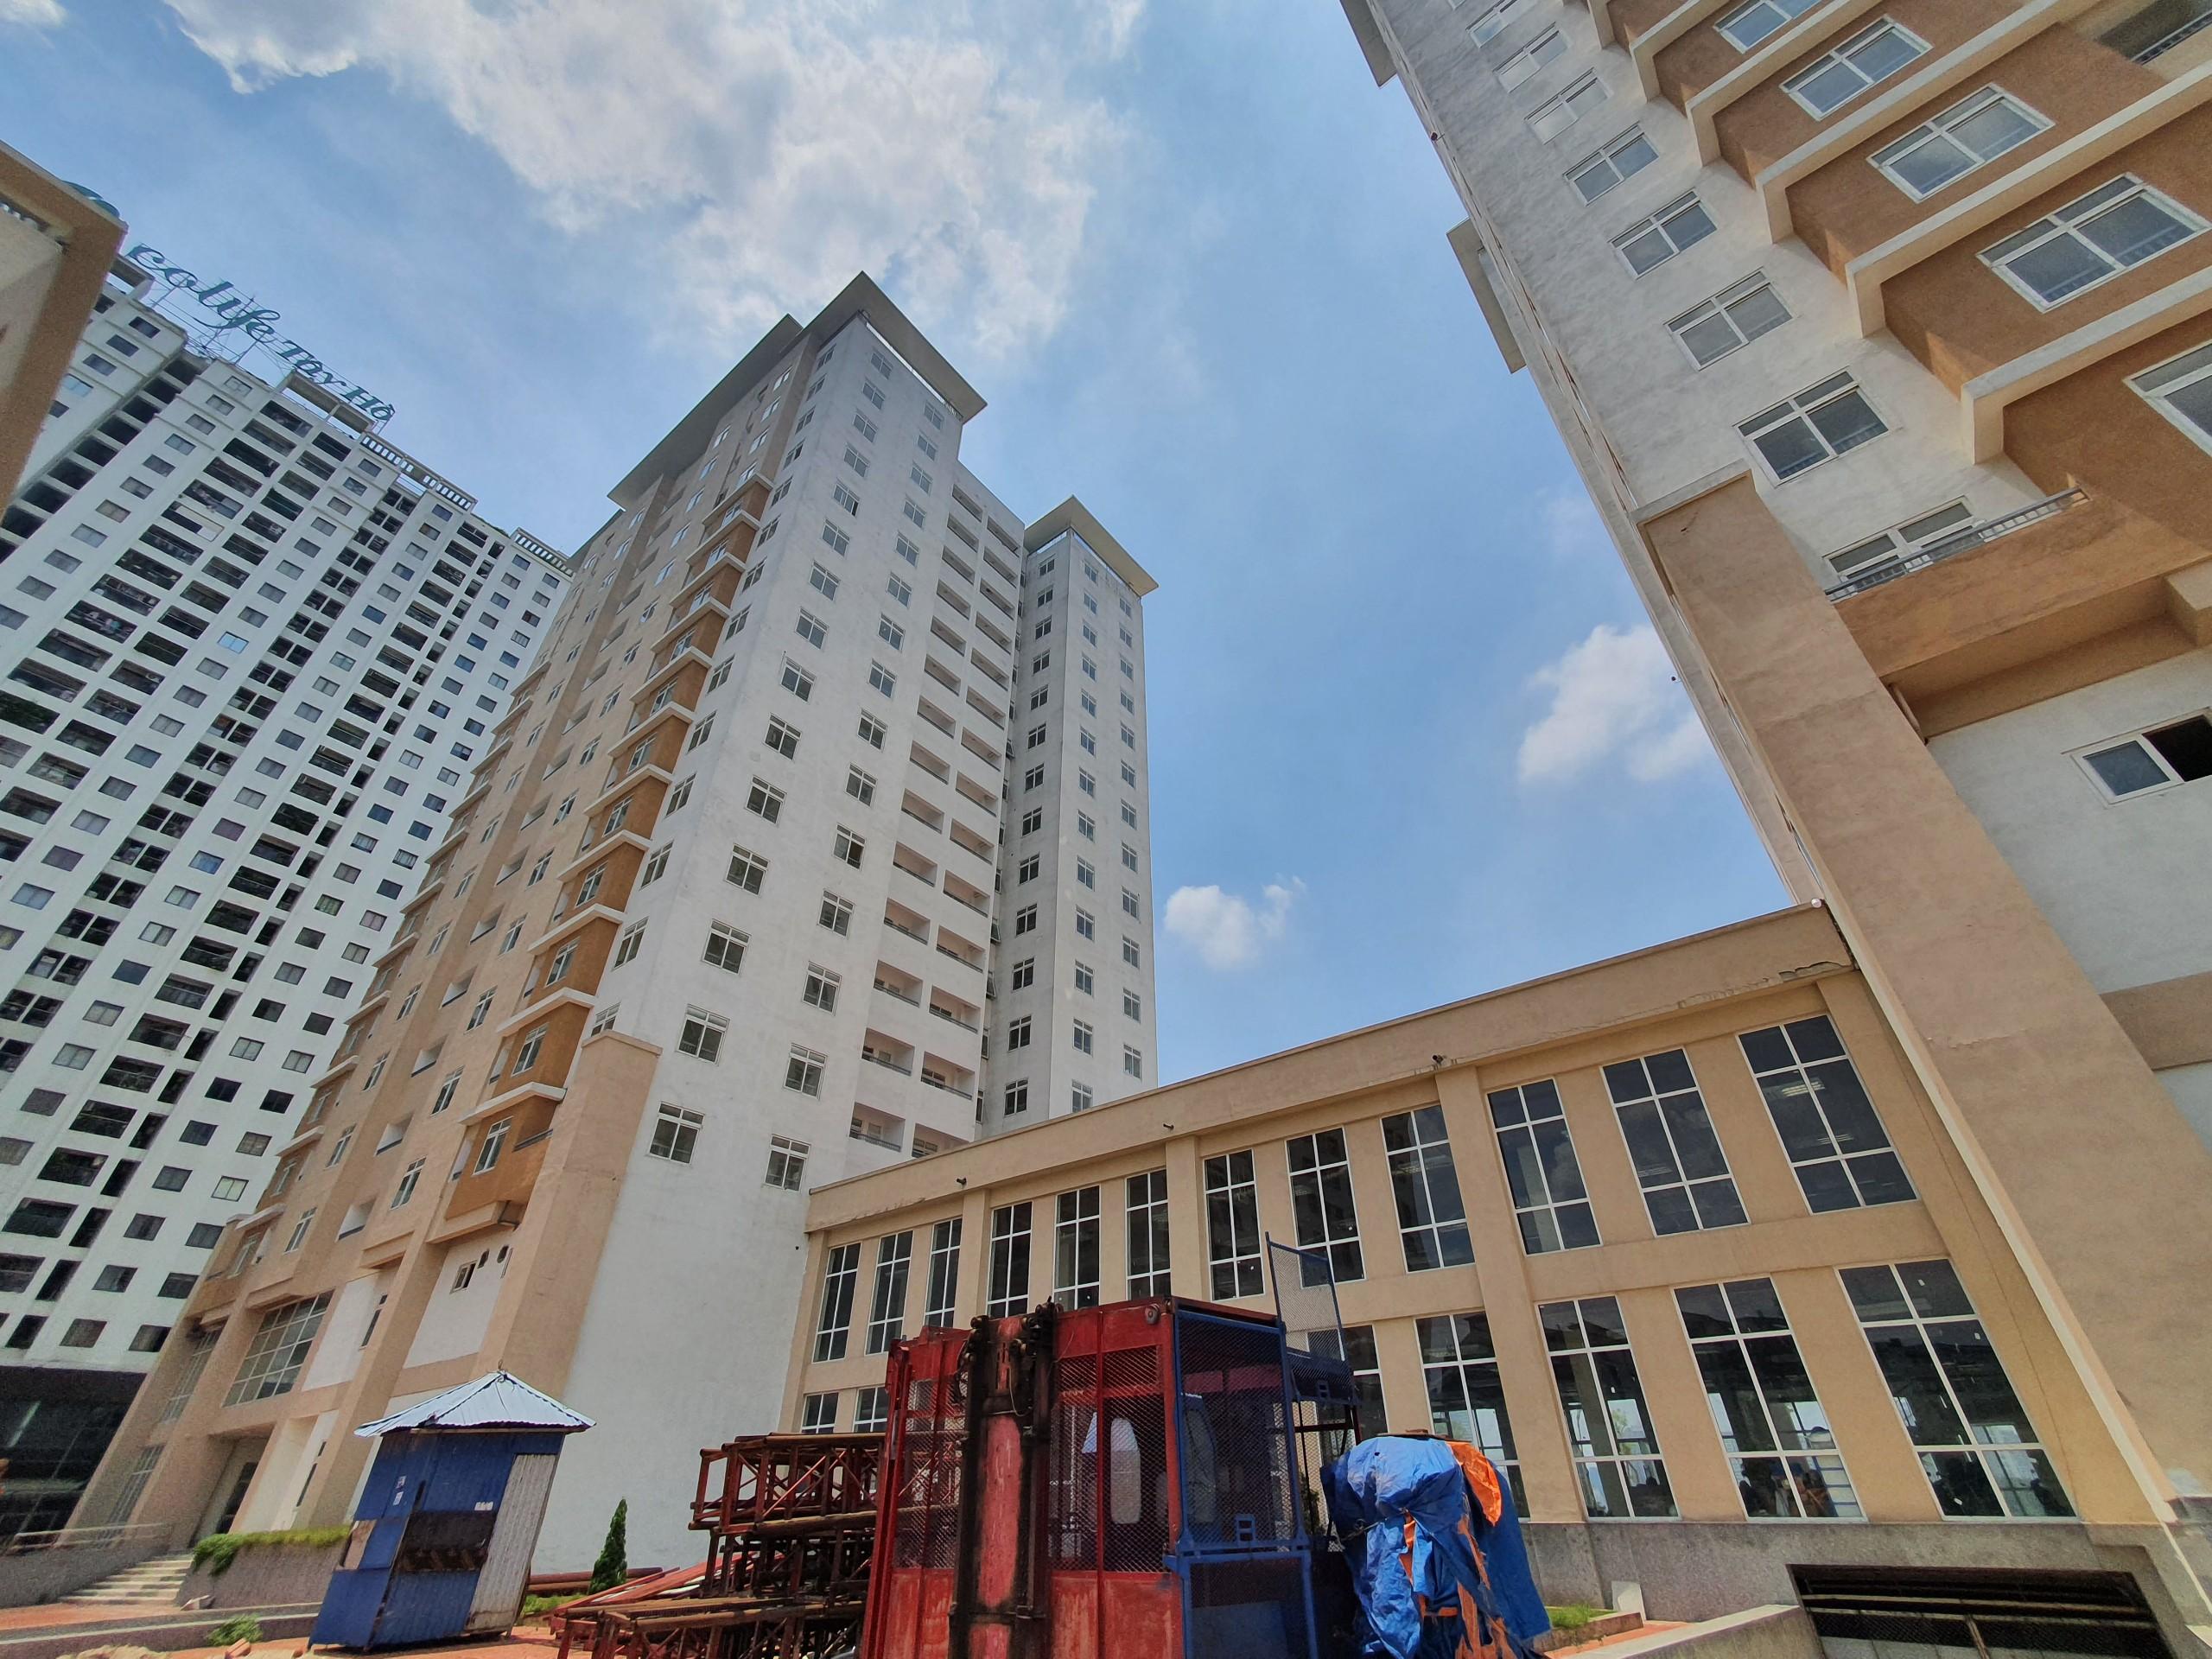 Có 10 dự án nhà tái định cư được UBND thành phố trưng dụng. Trong đó, có 6 dự án đầu tư bằng nguồn vốn ngân sách. Trong đódự án xây dựng nhà CT1, CT2 Khu tái định cư Xuân La, phường Xuân La, quận Tây Hồ.